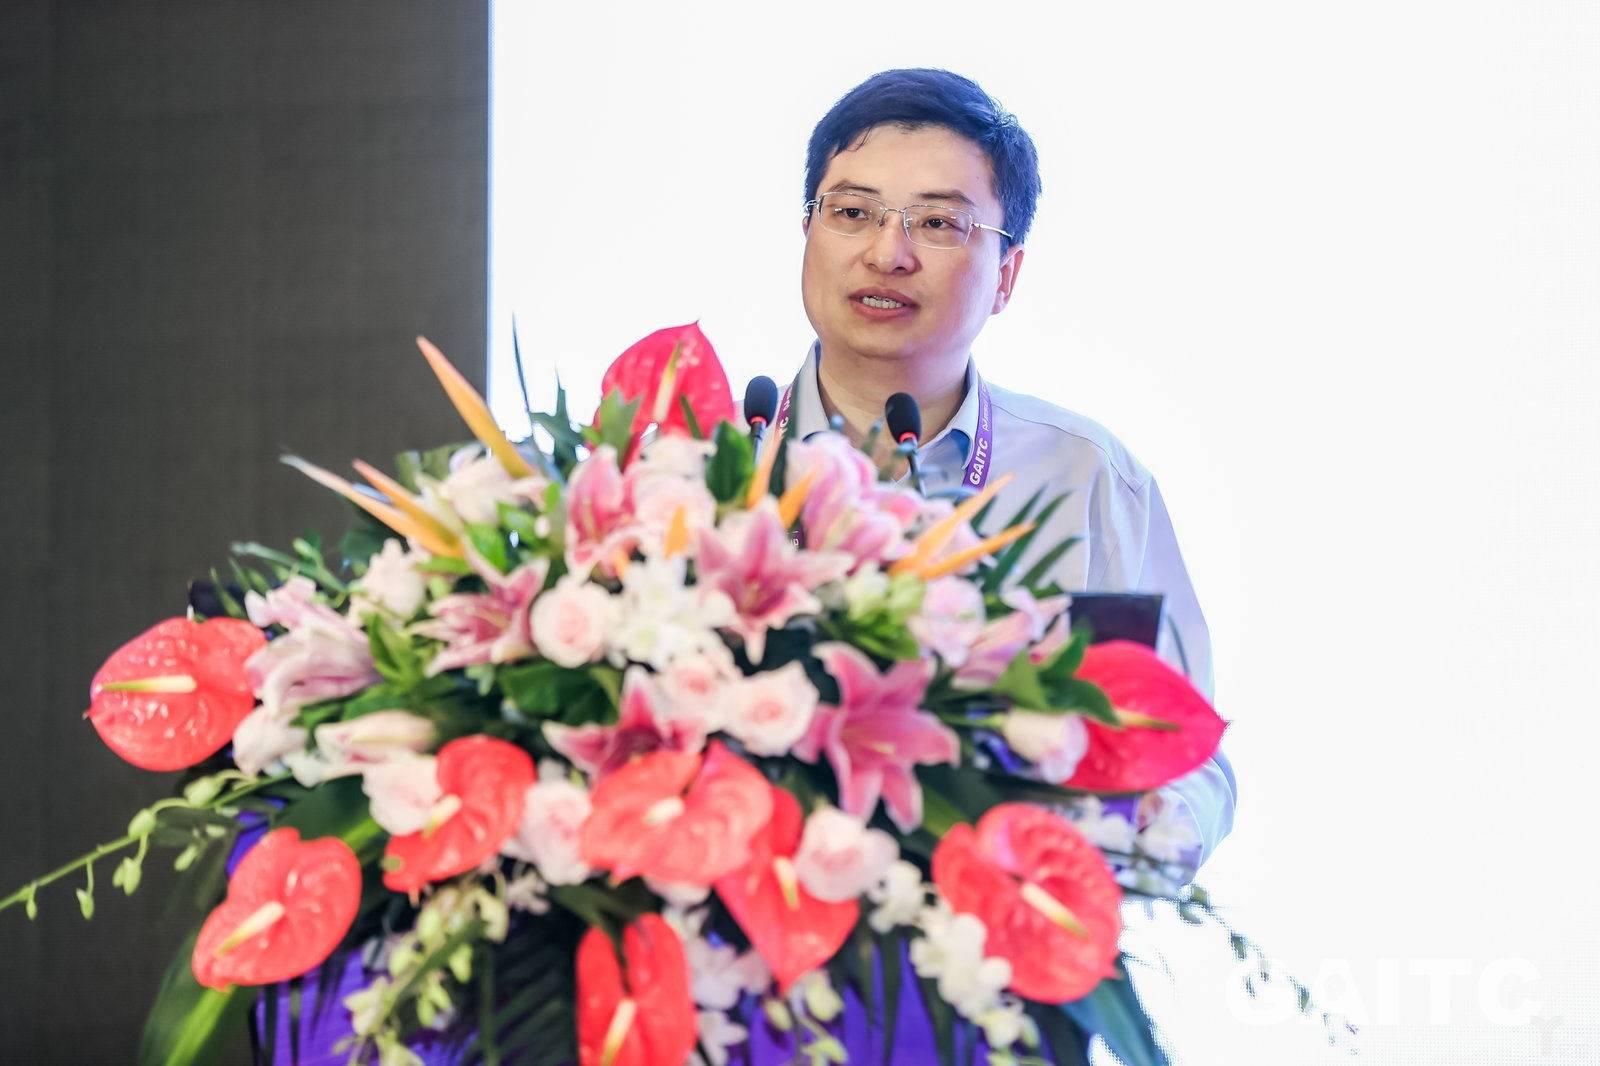 中科院自动化所模式识别国家重点实验室副主任陶建华